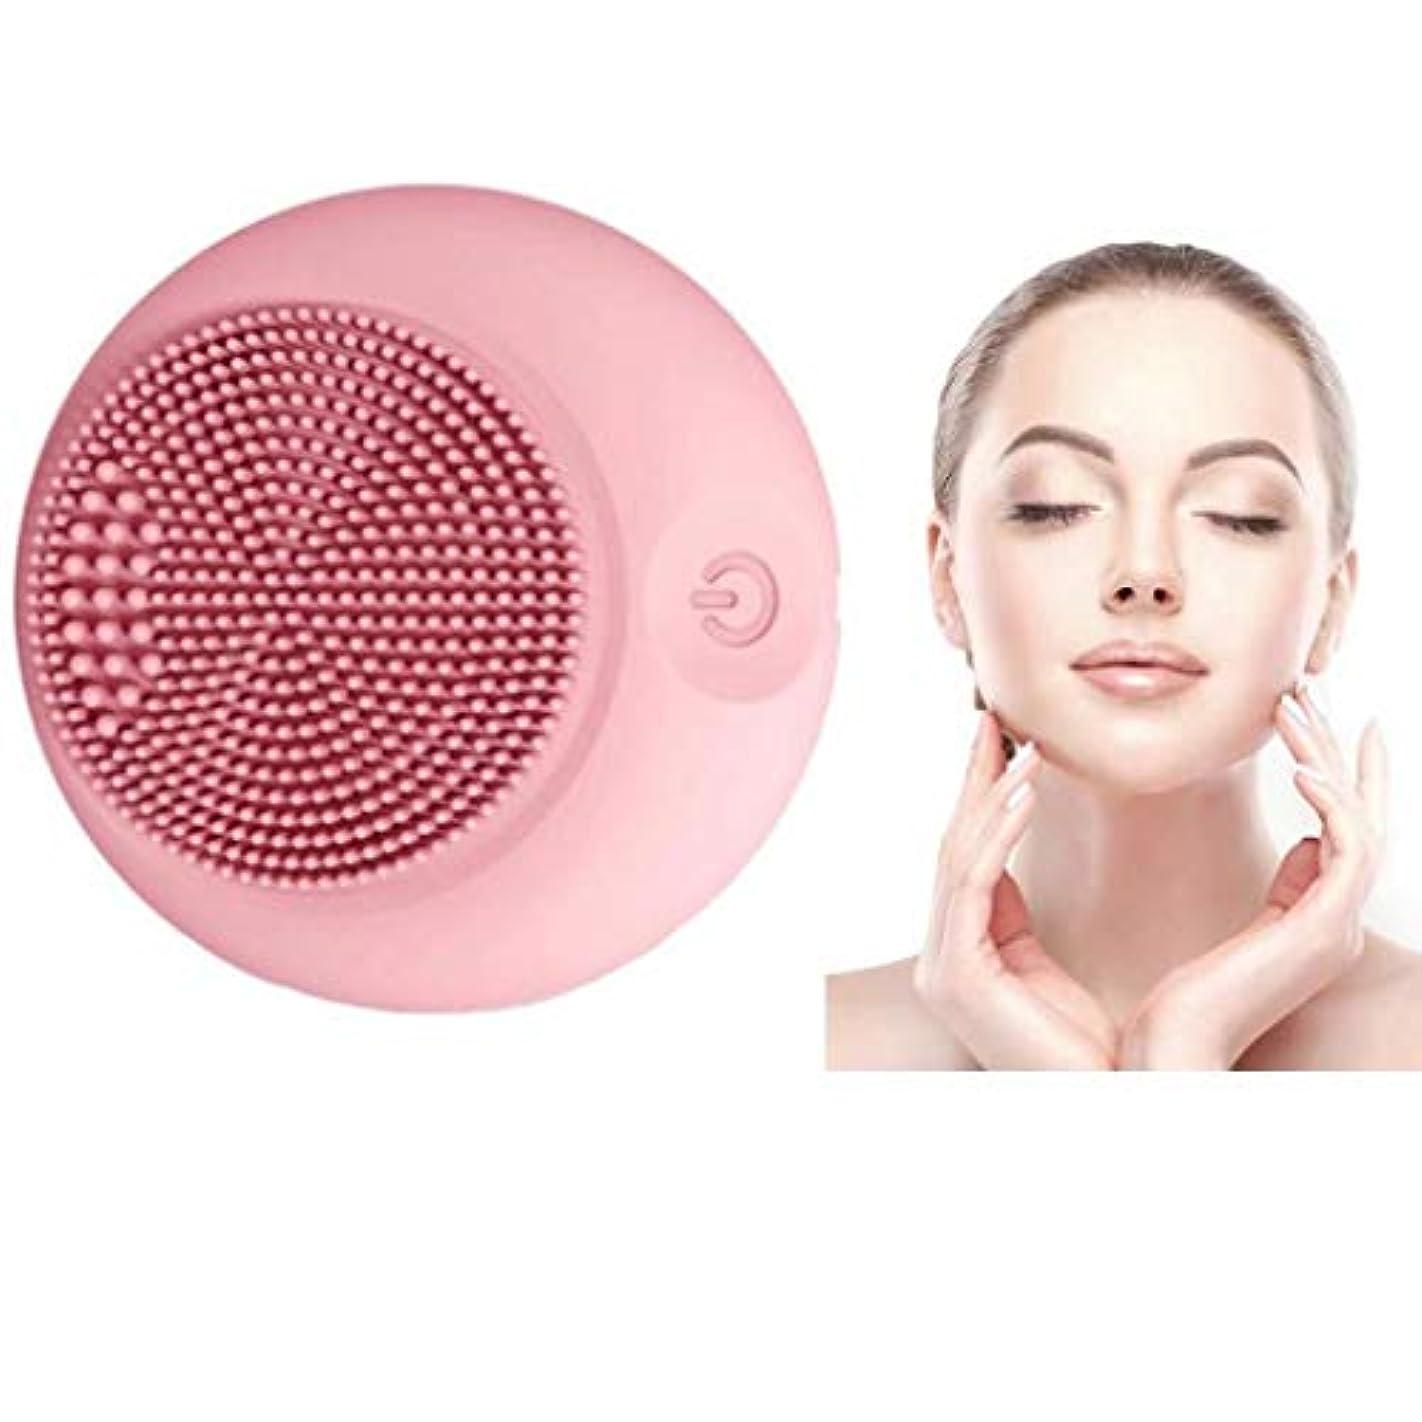 子豚マットレス個人的なクレンジング楽器、シリコンクレンジングブラシ、電動ウォッシュブラシ、シリコンフェイシャルマッサージ、ポータブル超音波振動、肌を清潔に保ち、防水、すべての肌タイプに適して (Color : Pink)